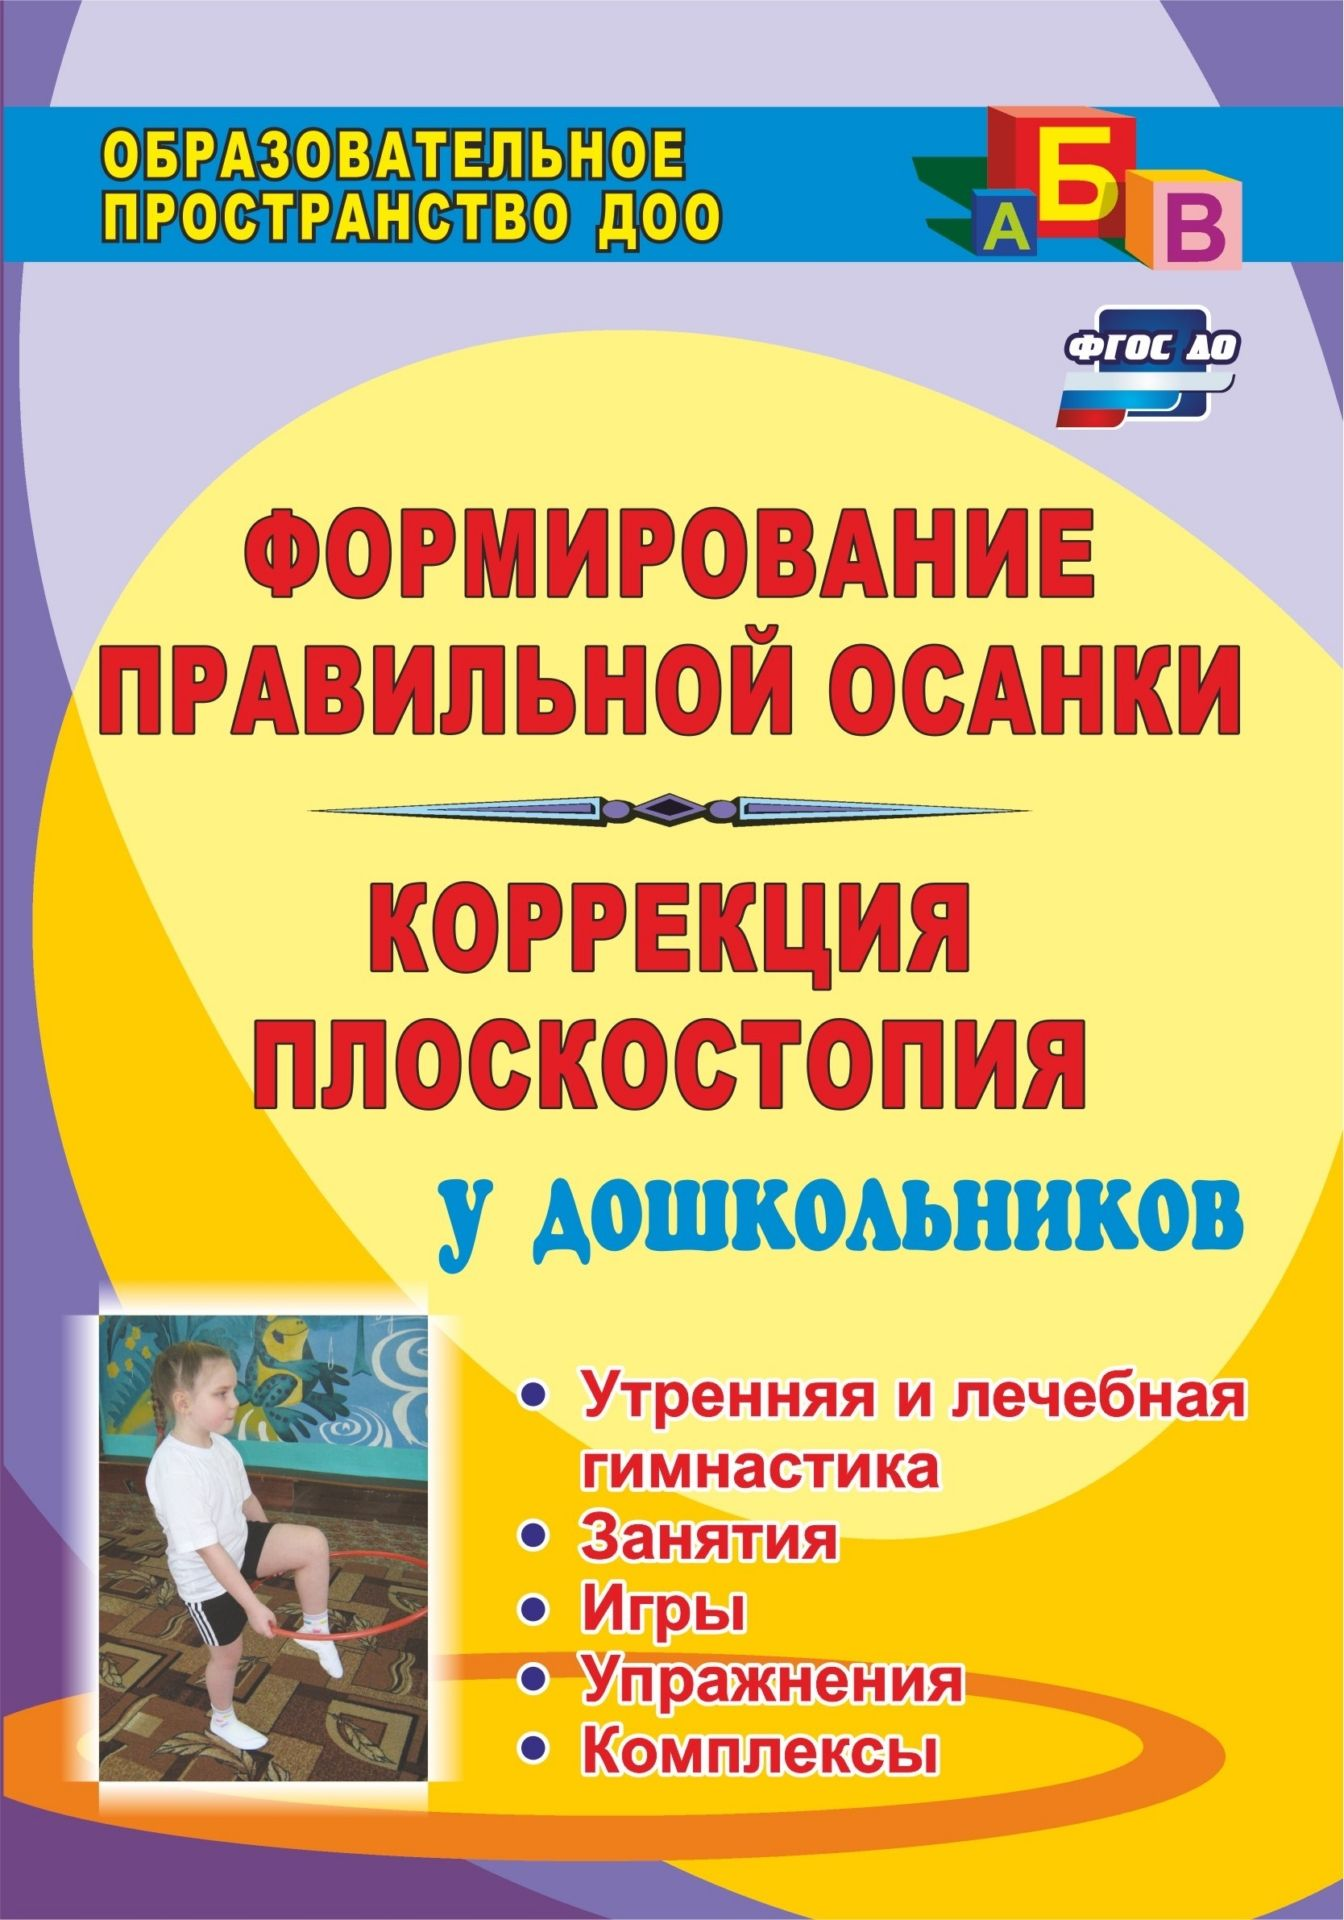 Купить со скидкой Формирование правильной осанки и коррекция плоскостопия у дошкольников: утренняя и лечебная гимнасти